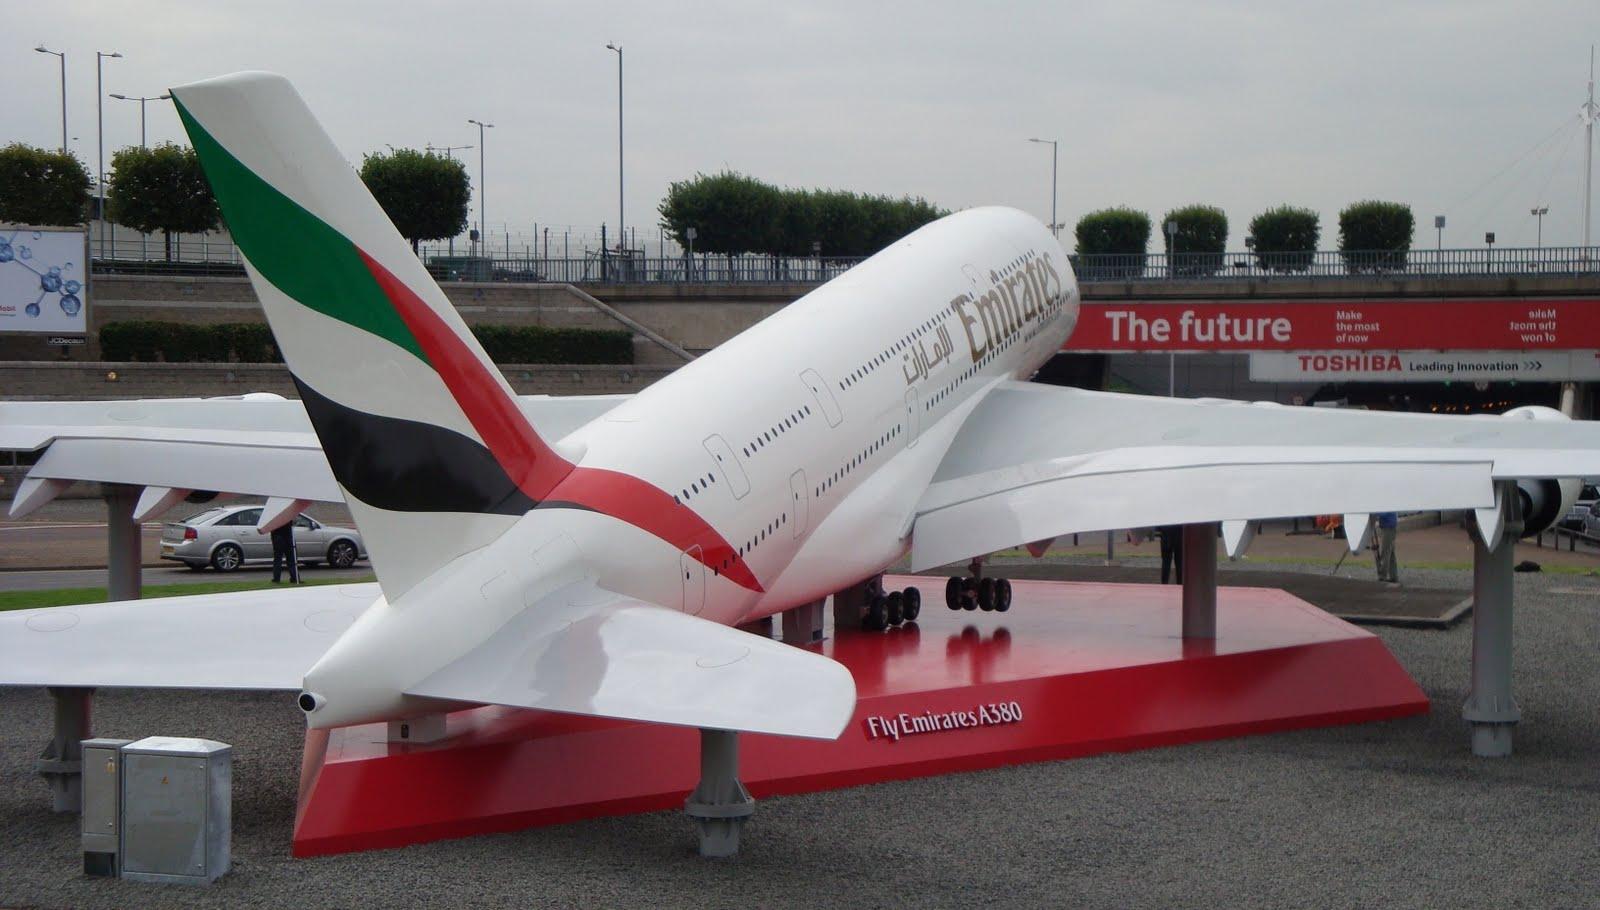 http://4.bp.blogspot.com/-8UlL4UL6csU/TdNOCWm8JyI/AAAAAAAAFVc/NVPdsBbB4sM/s1600/a380_emirates_tiny.jpg